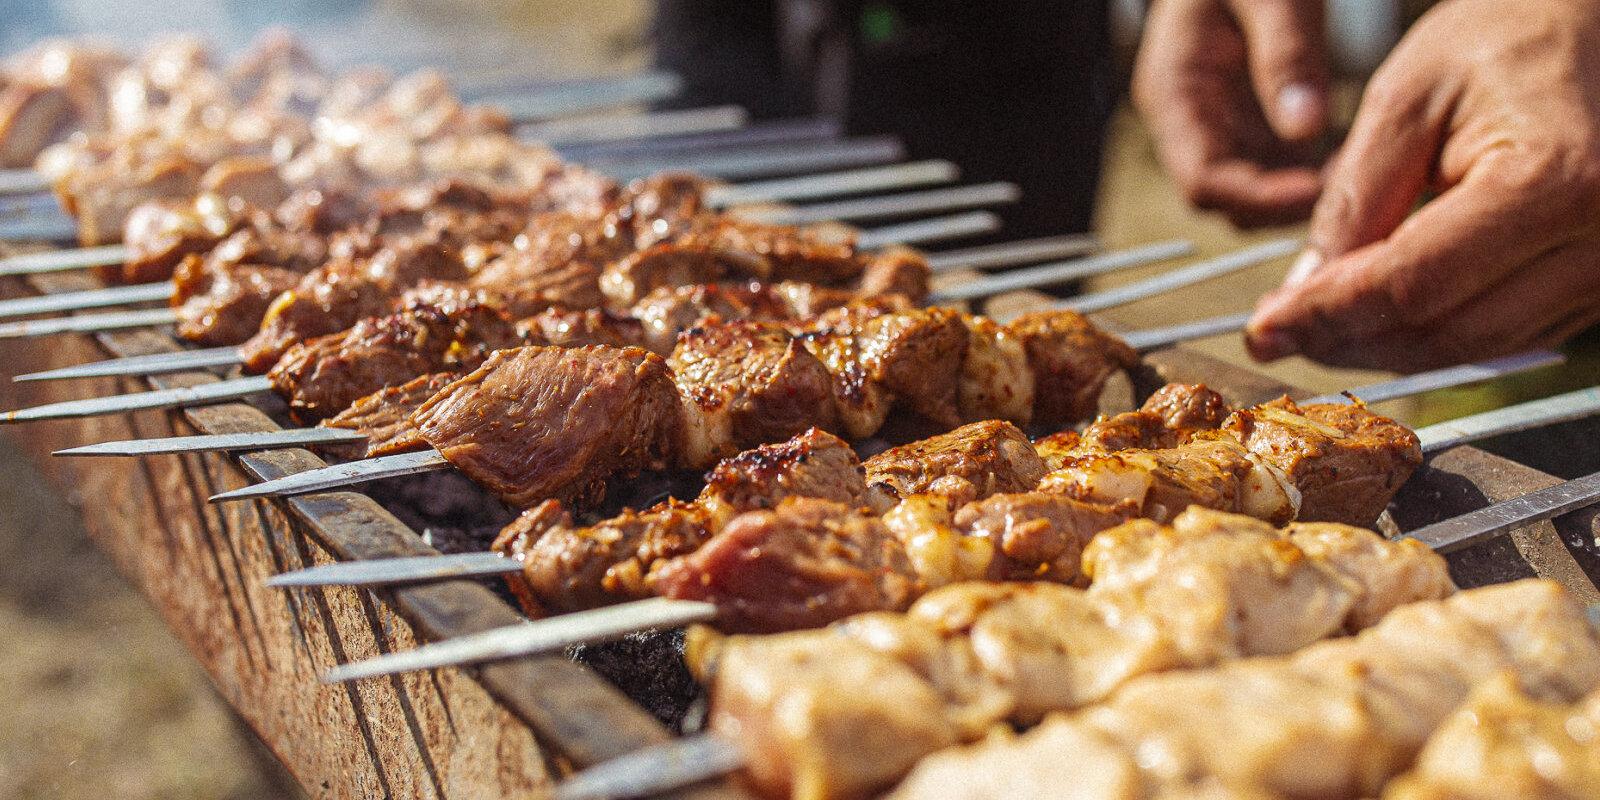 Шашлык по правилам и без. Пять латвийских шеф-поваров рассказывают о том, как приготовить главное летнее блюдо